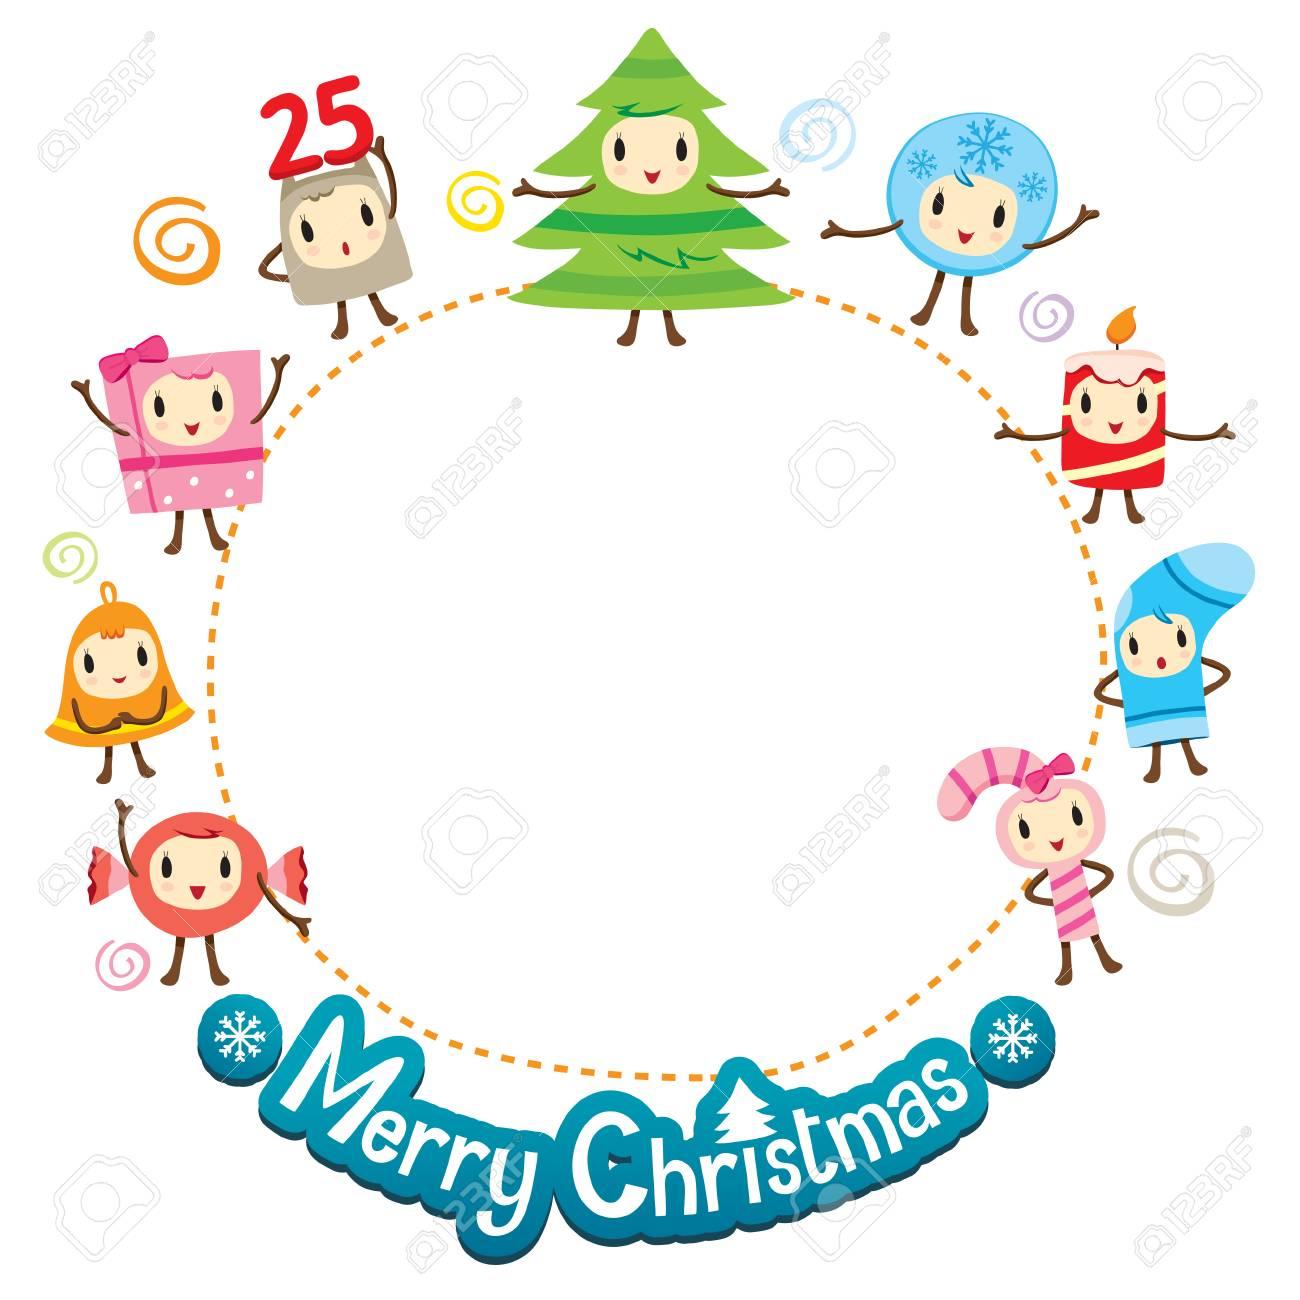 Adornos De Navidad Diseño De Personajes En Marco De Círculo, Feliz ...